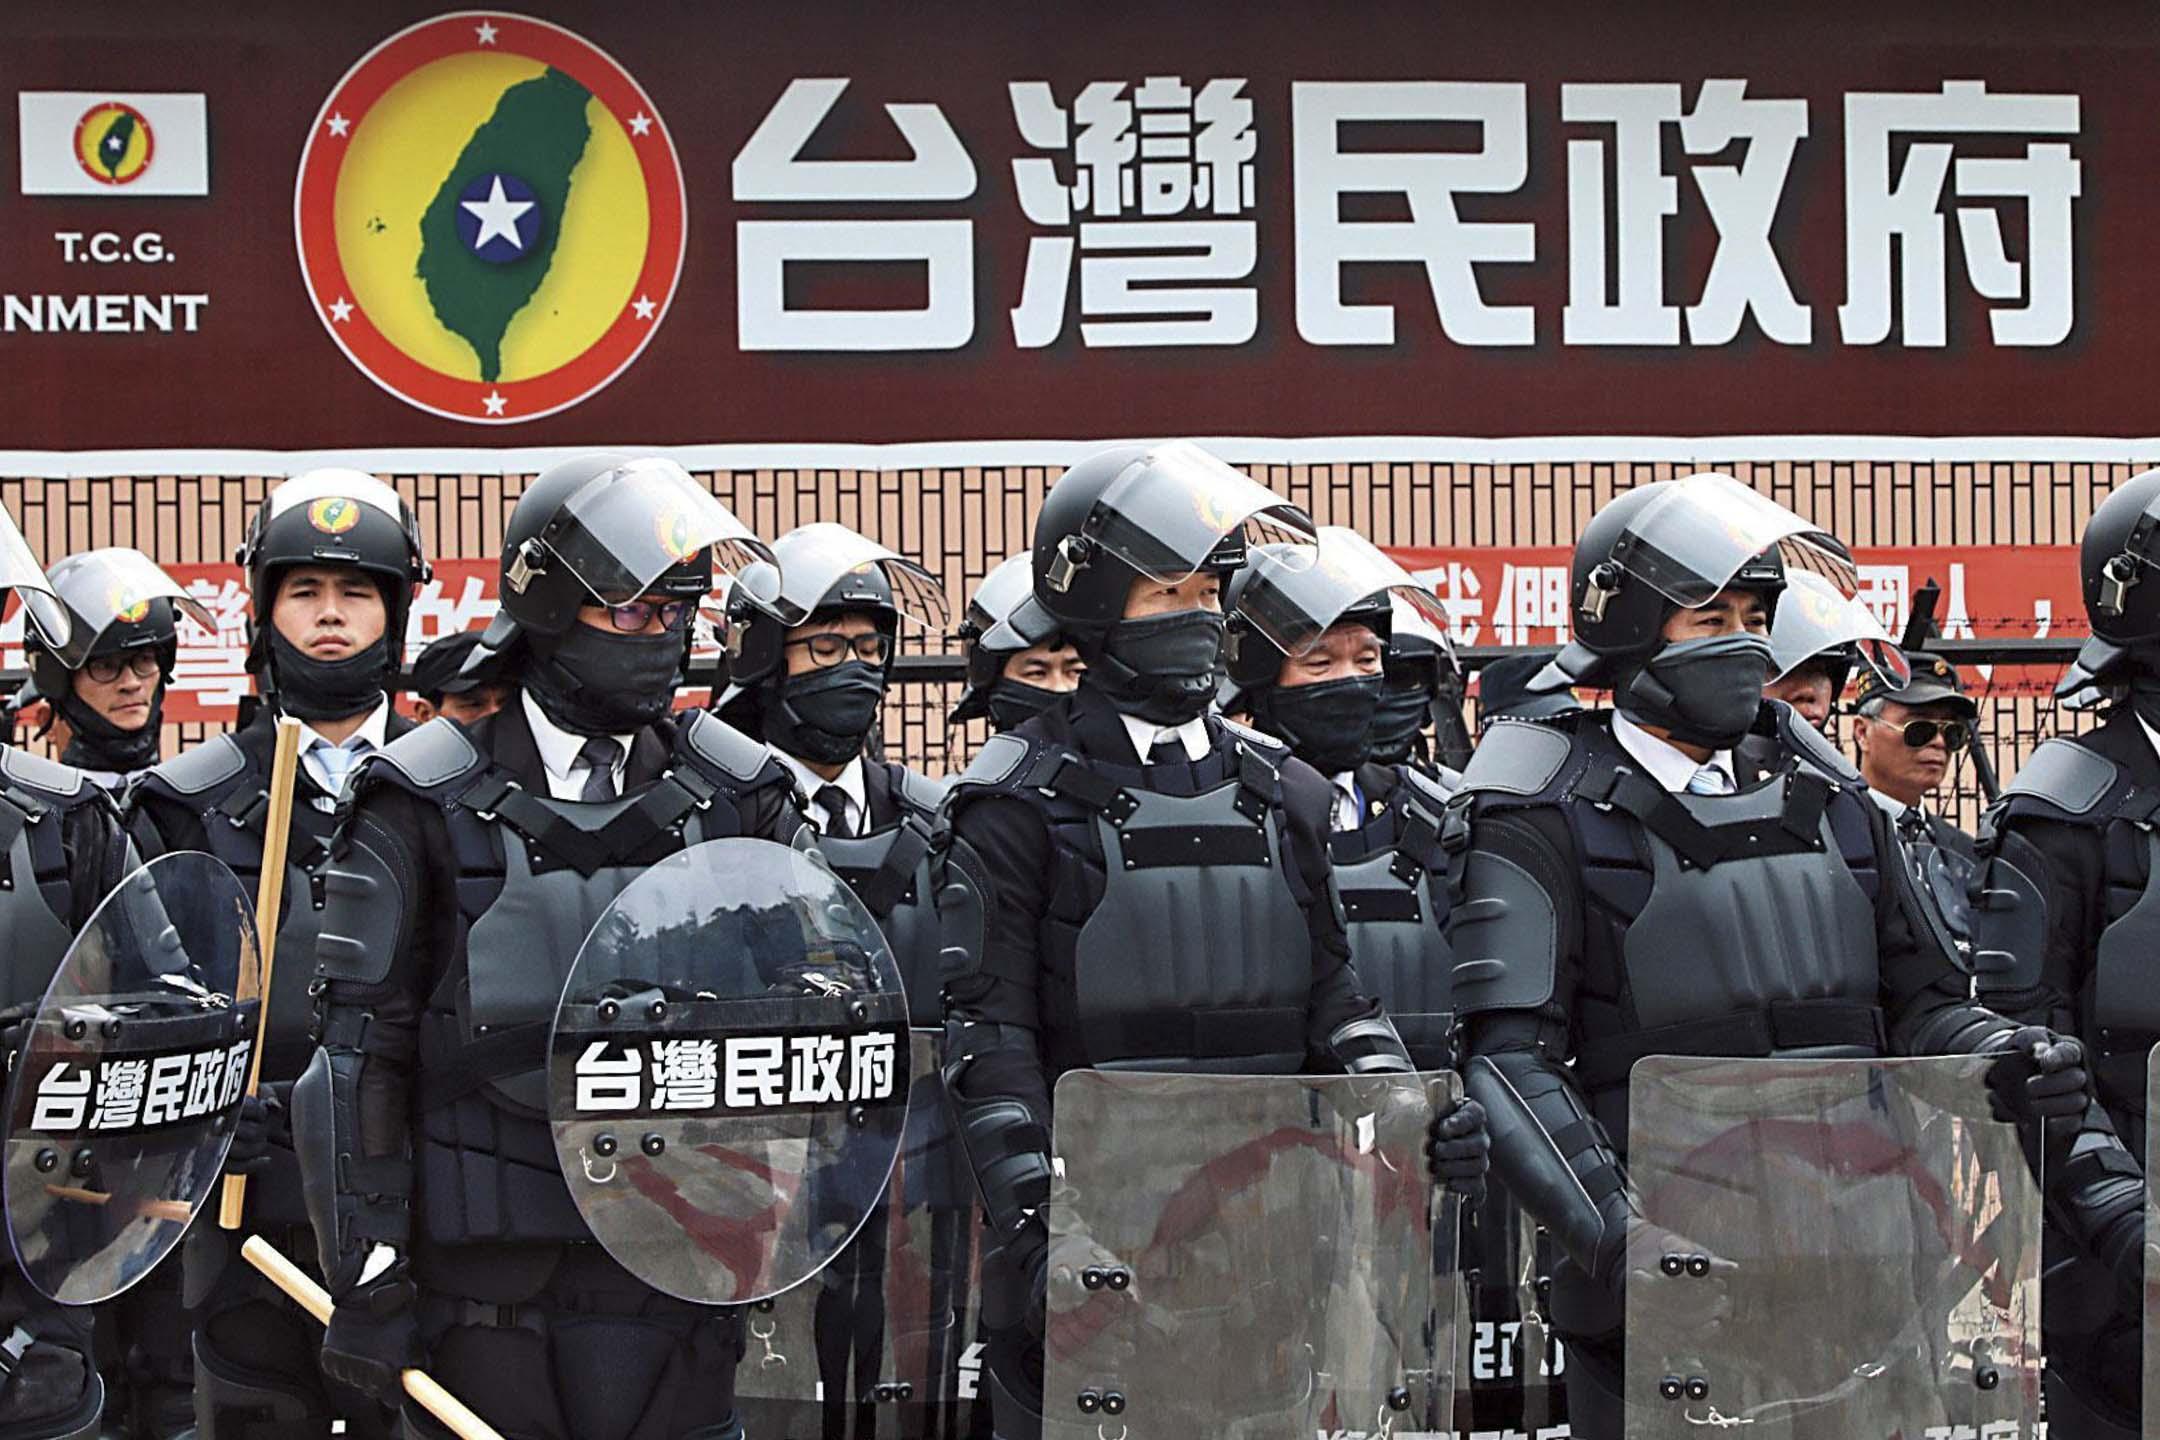 台灣民政府號稱擁有軍隊「黑熊部隊」。 圖:台灣民政府網頁